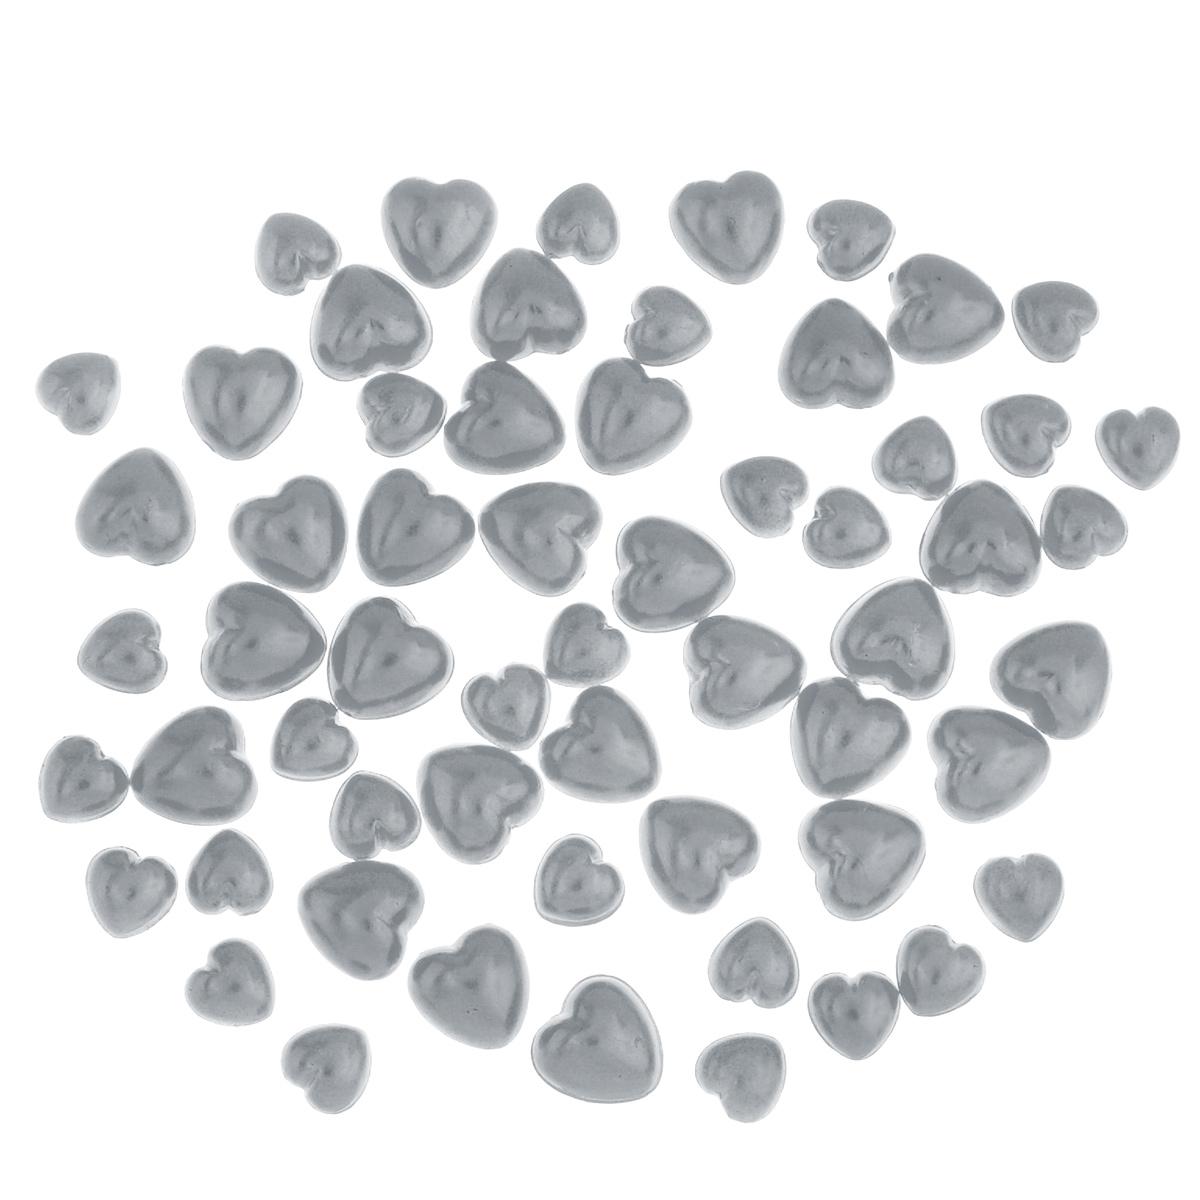 Набор декоративных элементов ScrapBerrys Жемчужные сердечки, цвет: серебряный, 60 штSCB0717518Набор ScrapBerrys Жемчужные сердечки состоит из 60 декоративных элементов, изготовленных из пластика. Изделия выполнены в виде сердец. Такой набор прекрасно подойдет для декора и оформления творческих работ в различных техниках. Декоративные элементы разнообразят вашу работу и добавят вдохновения для новых идей. Размер элементов: 6 мм х 6 мм; 8 мм х 8 мм.